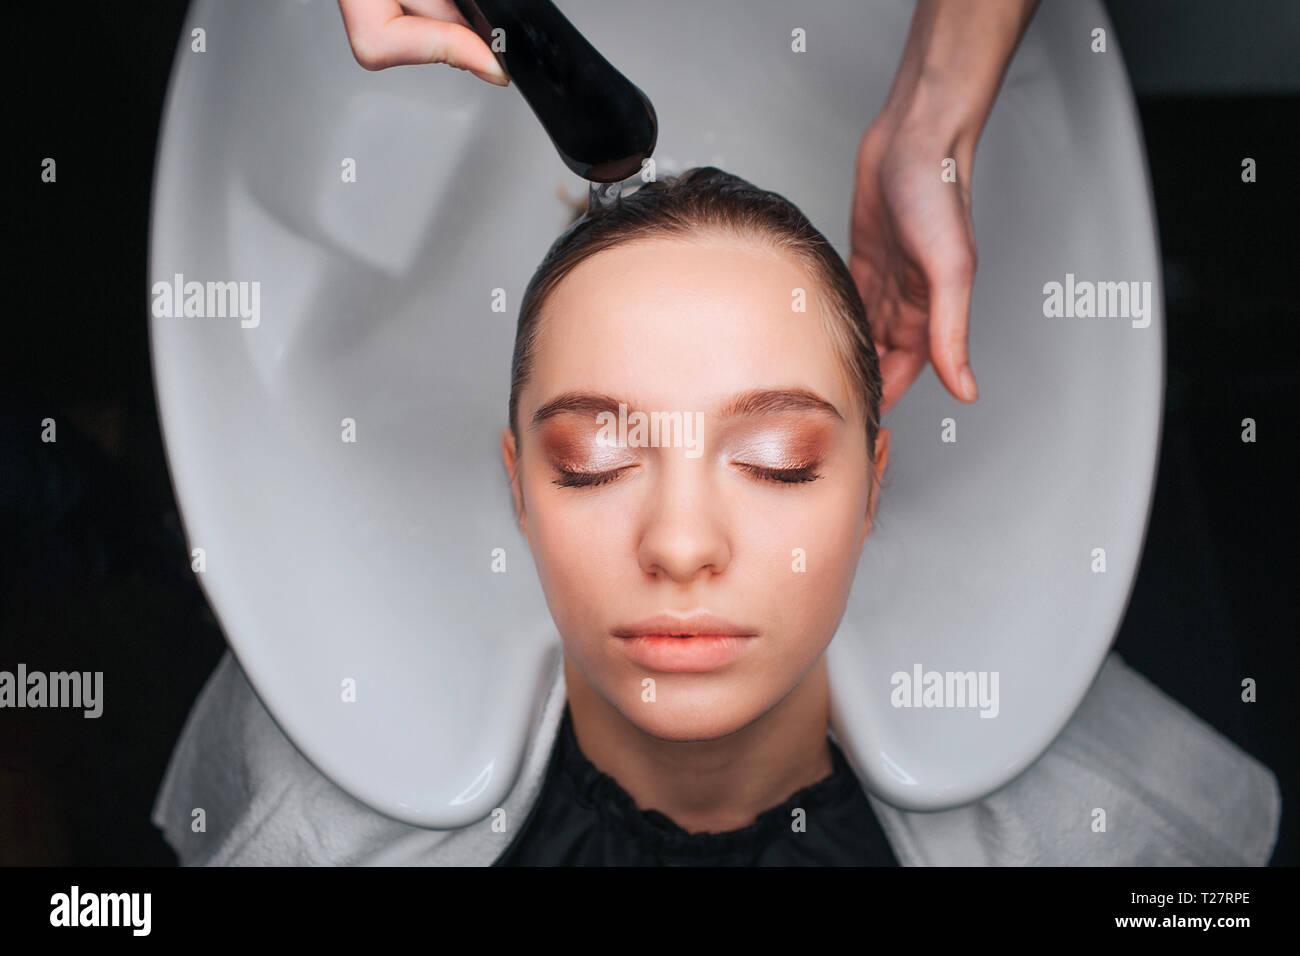 Vista superior de la hermosa joven con los ojos cerrados sentado en blanco disipador de lavar el cabello mientras peluquería lavar su cabello. Cuidado del cabello en el salón Foto de stock